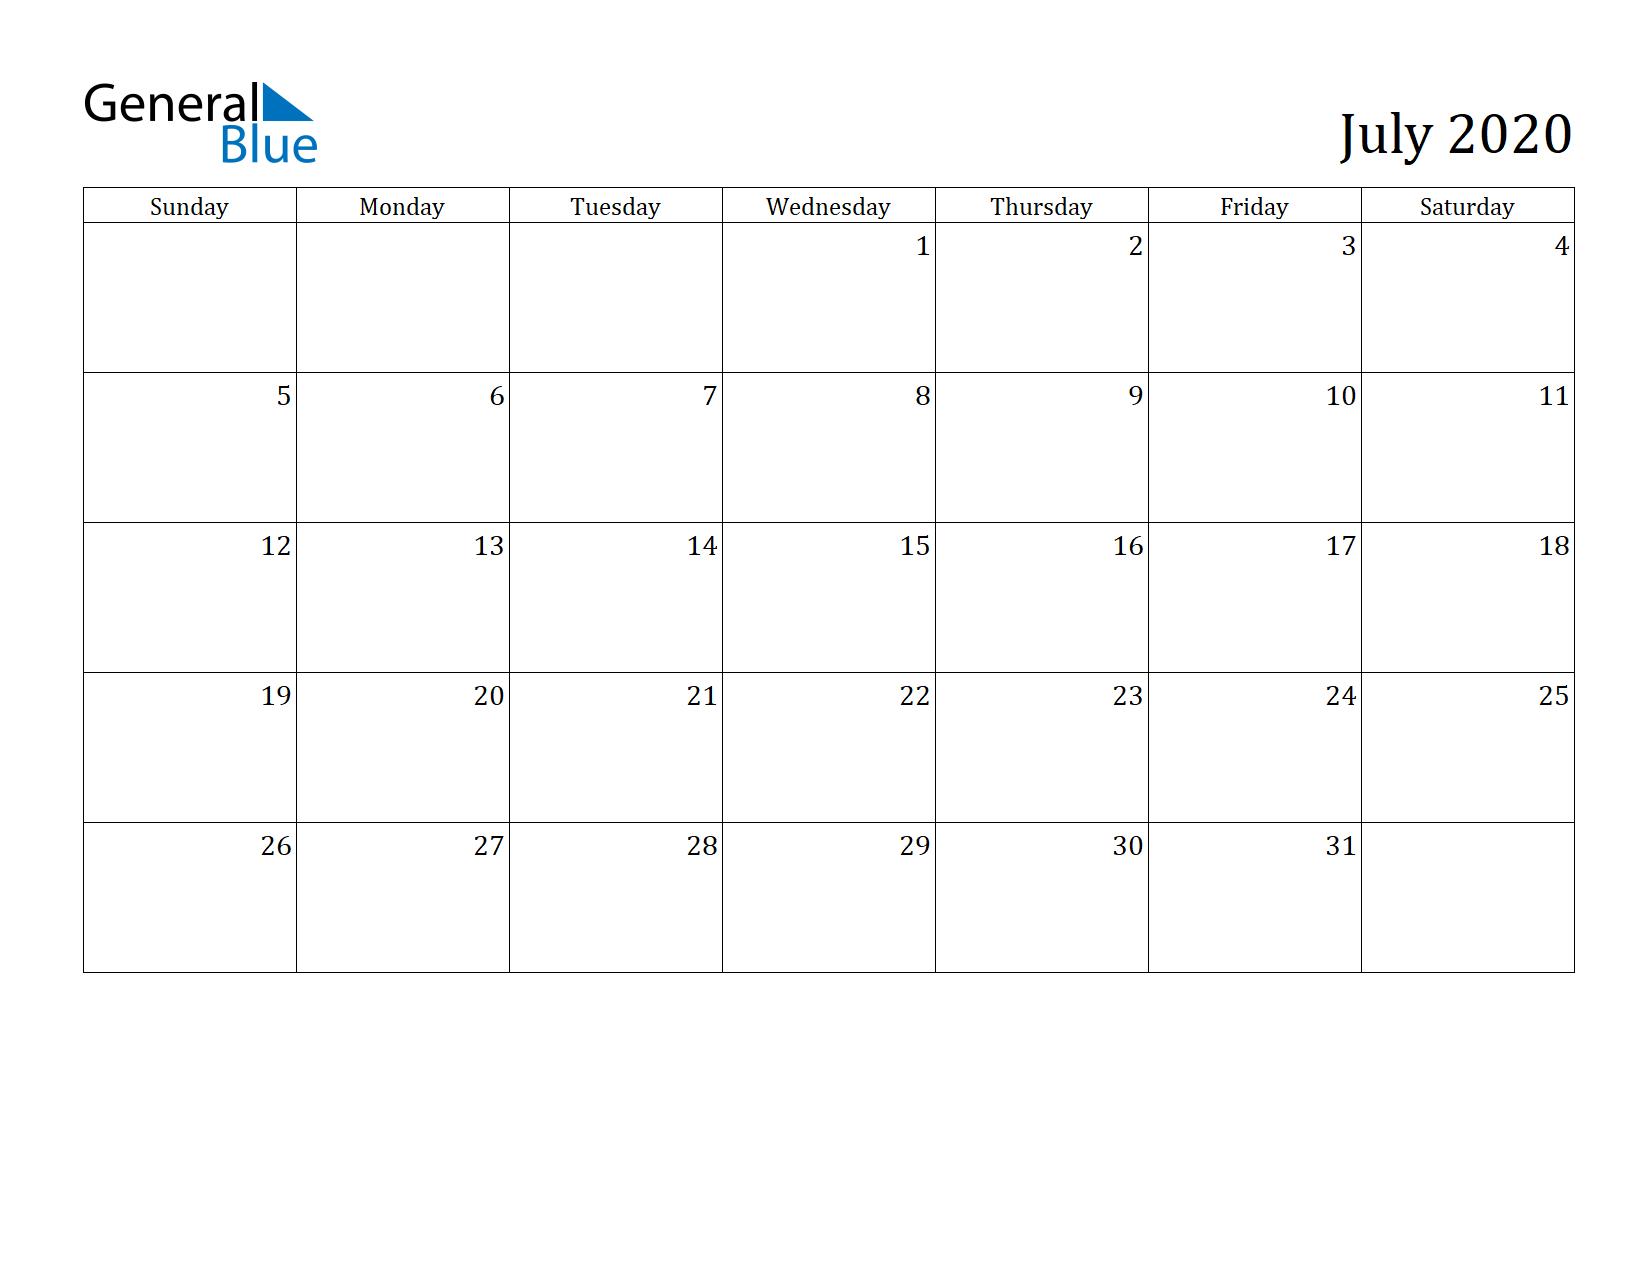 July Calendar For 2020.July 2020 Calendar General Blue